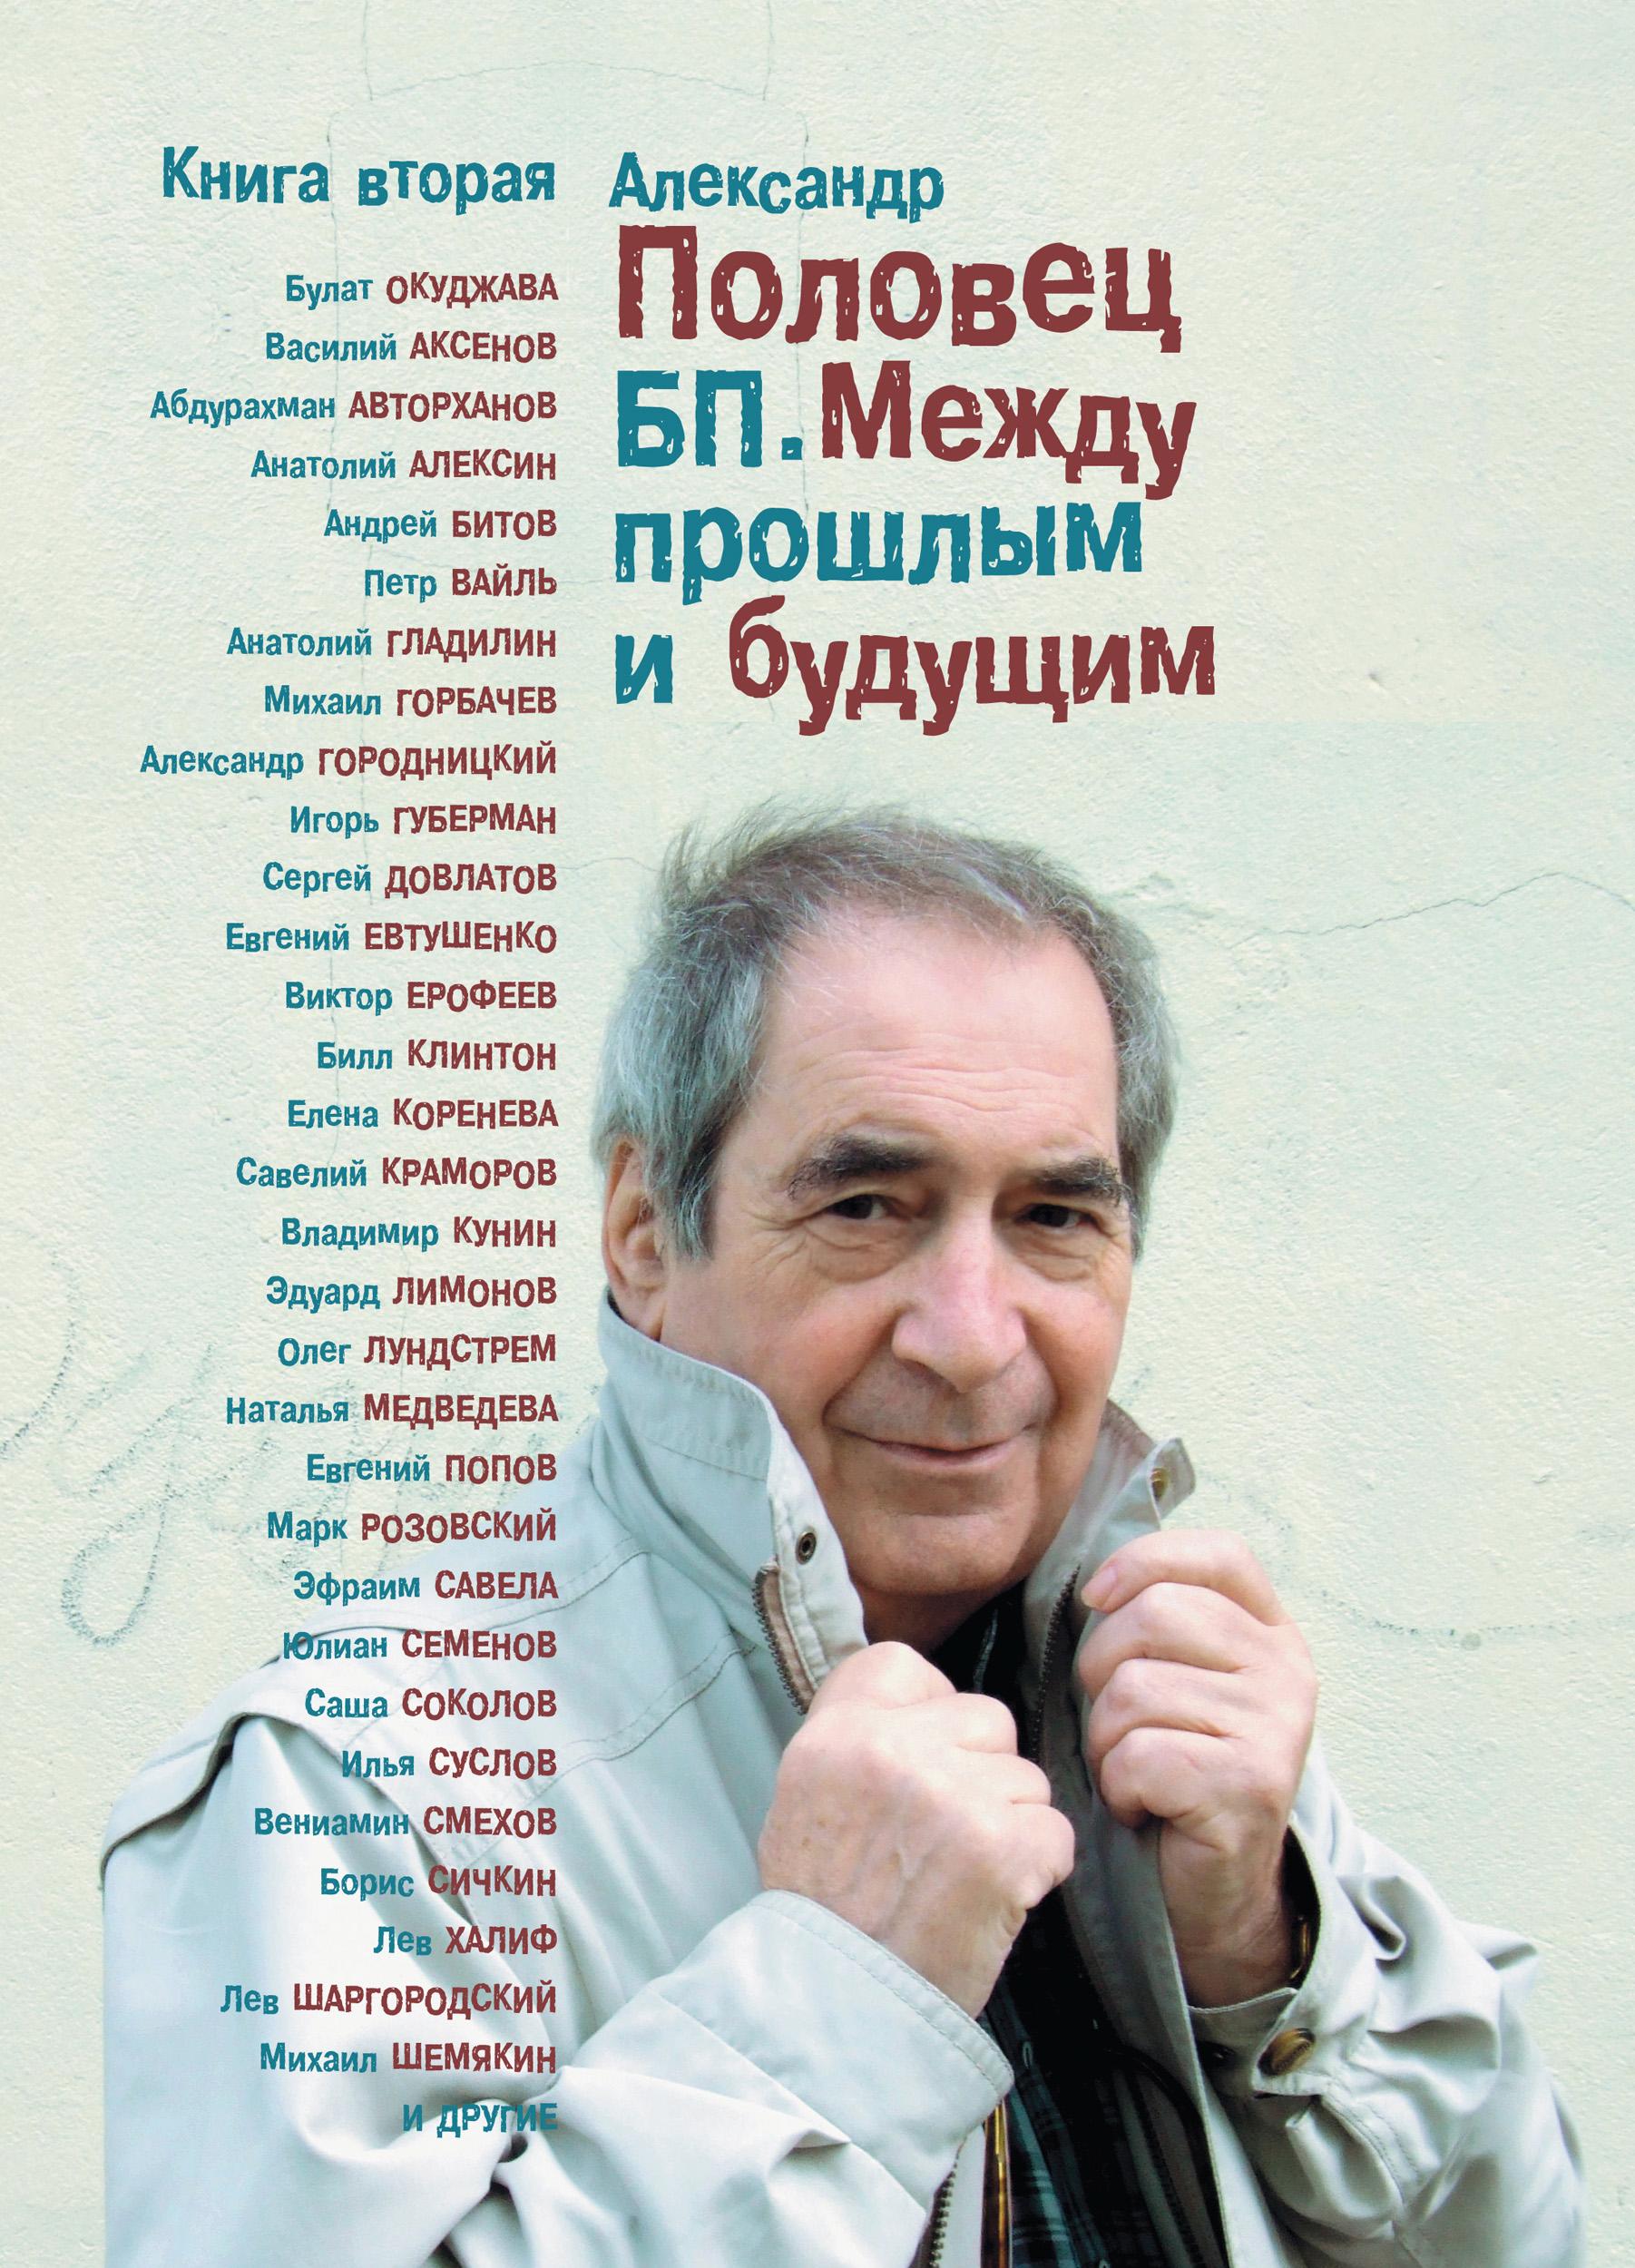 Александр Половец БП. будущм. Кнга вторая